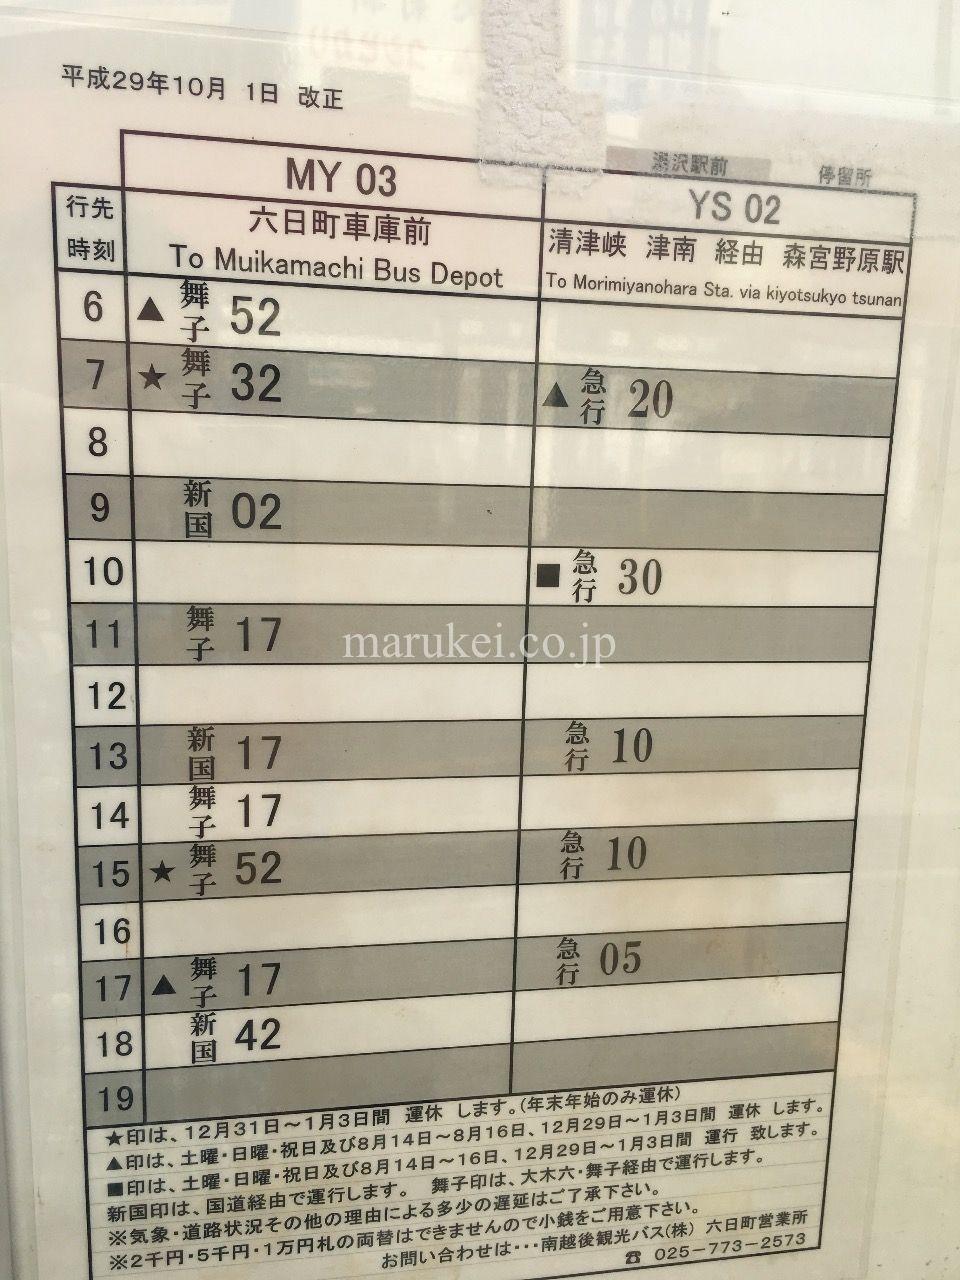 [ツインタワー石打] 越後湯沢駅のバス時刻表情報